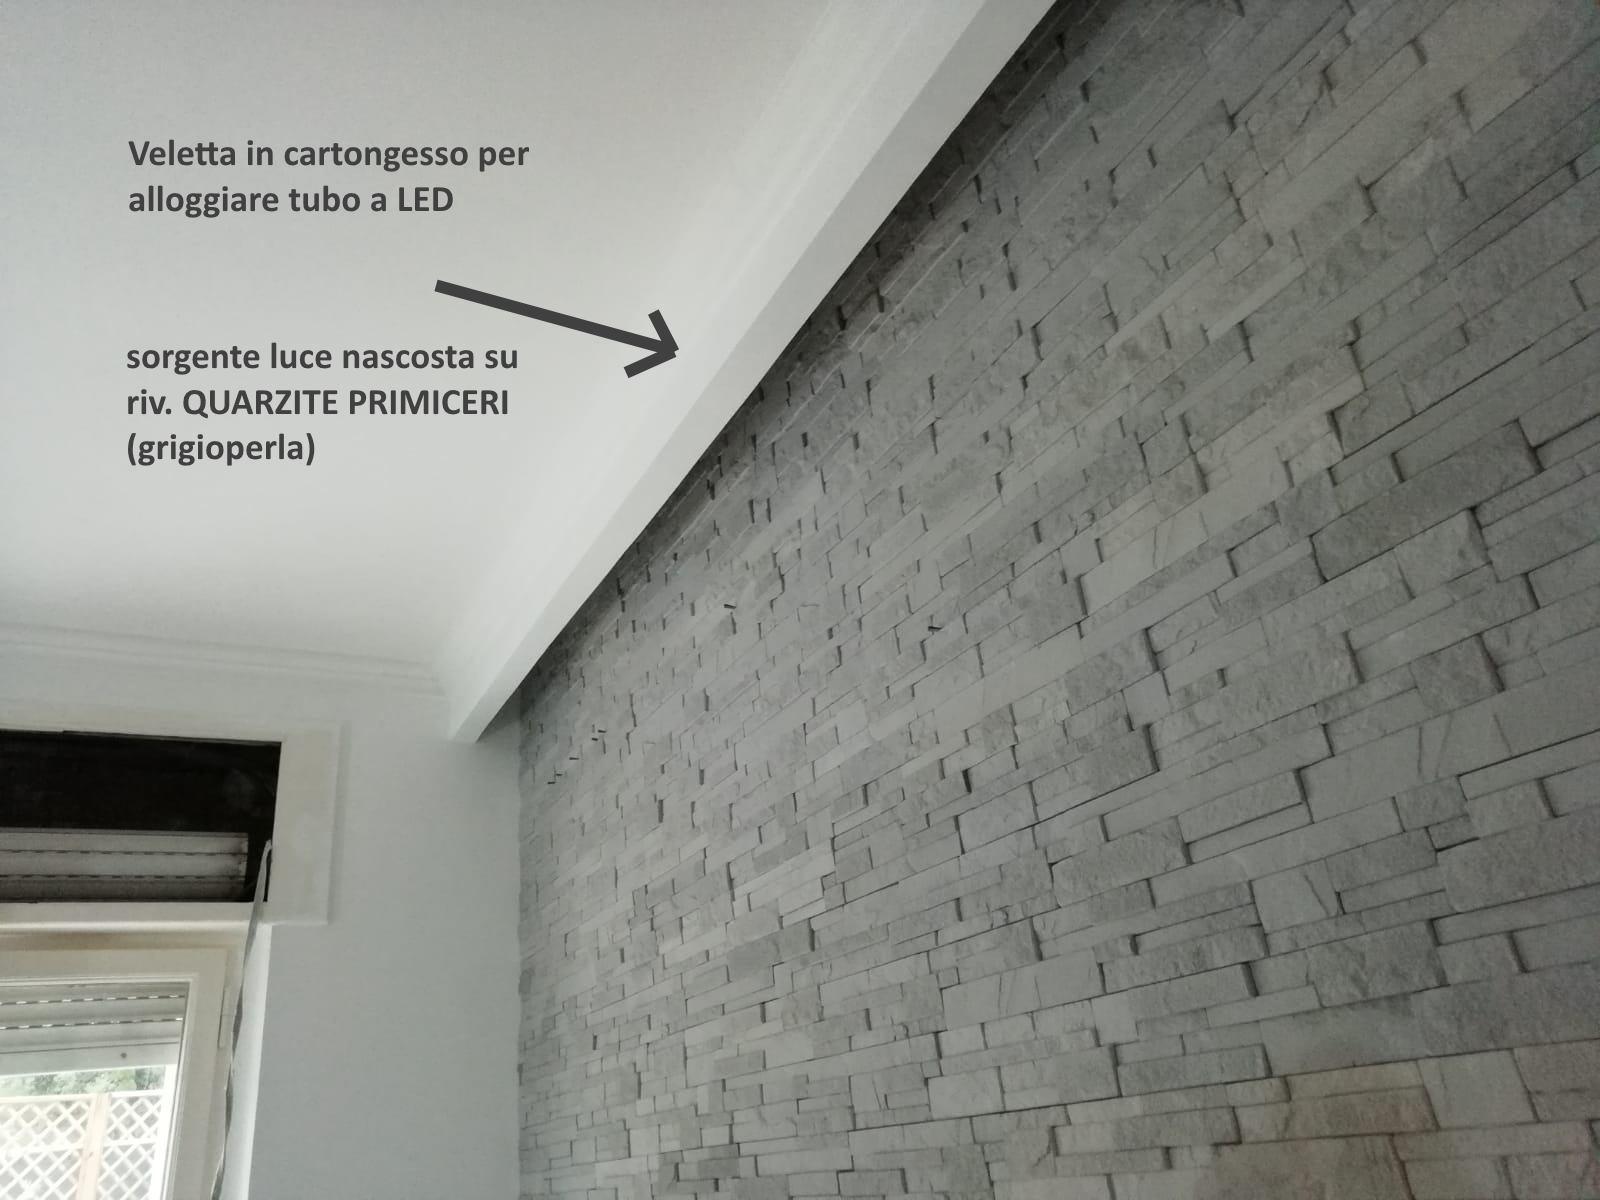 Torniamo un momento sul concetto di illuminazione for Pareti sala in cartongesso